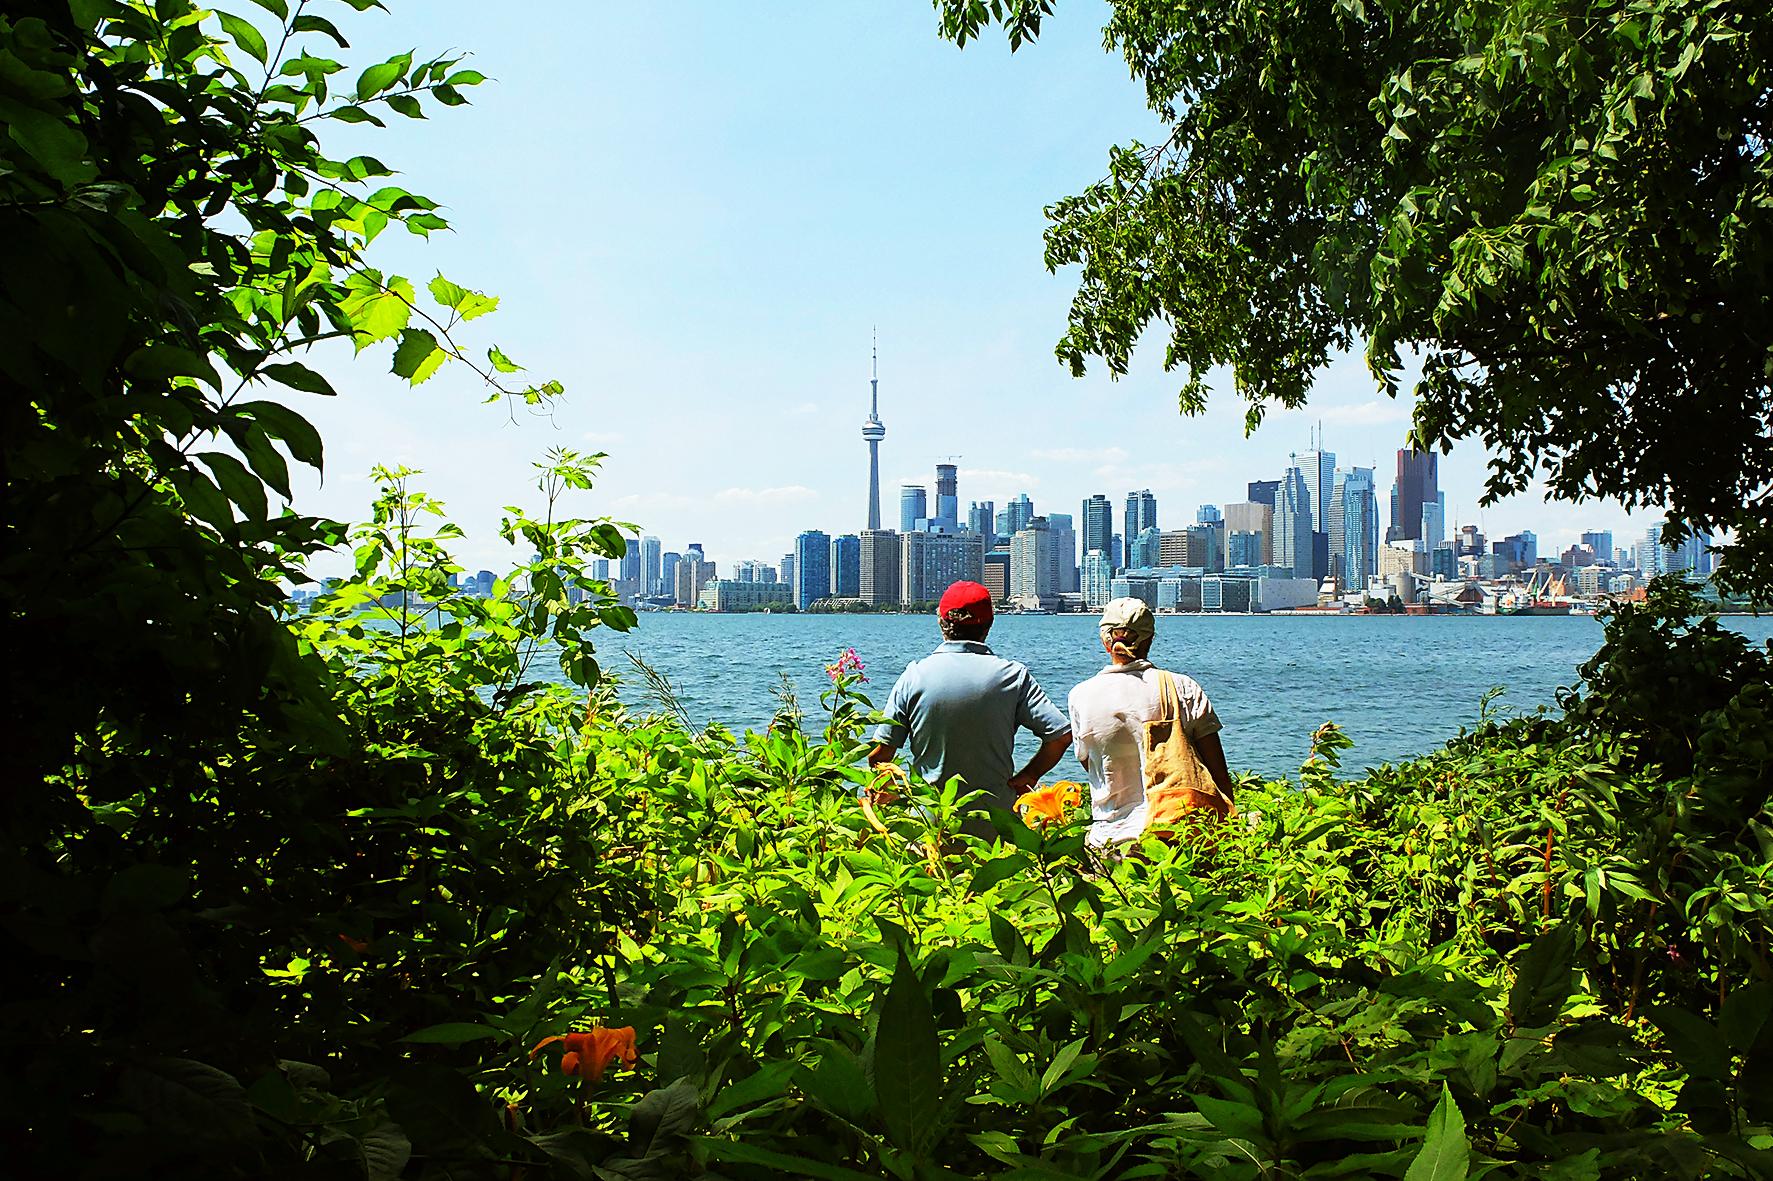 Canada, Toronto. 2014